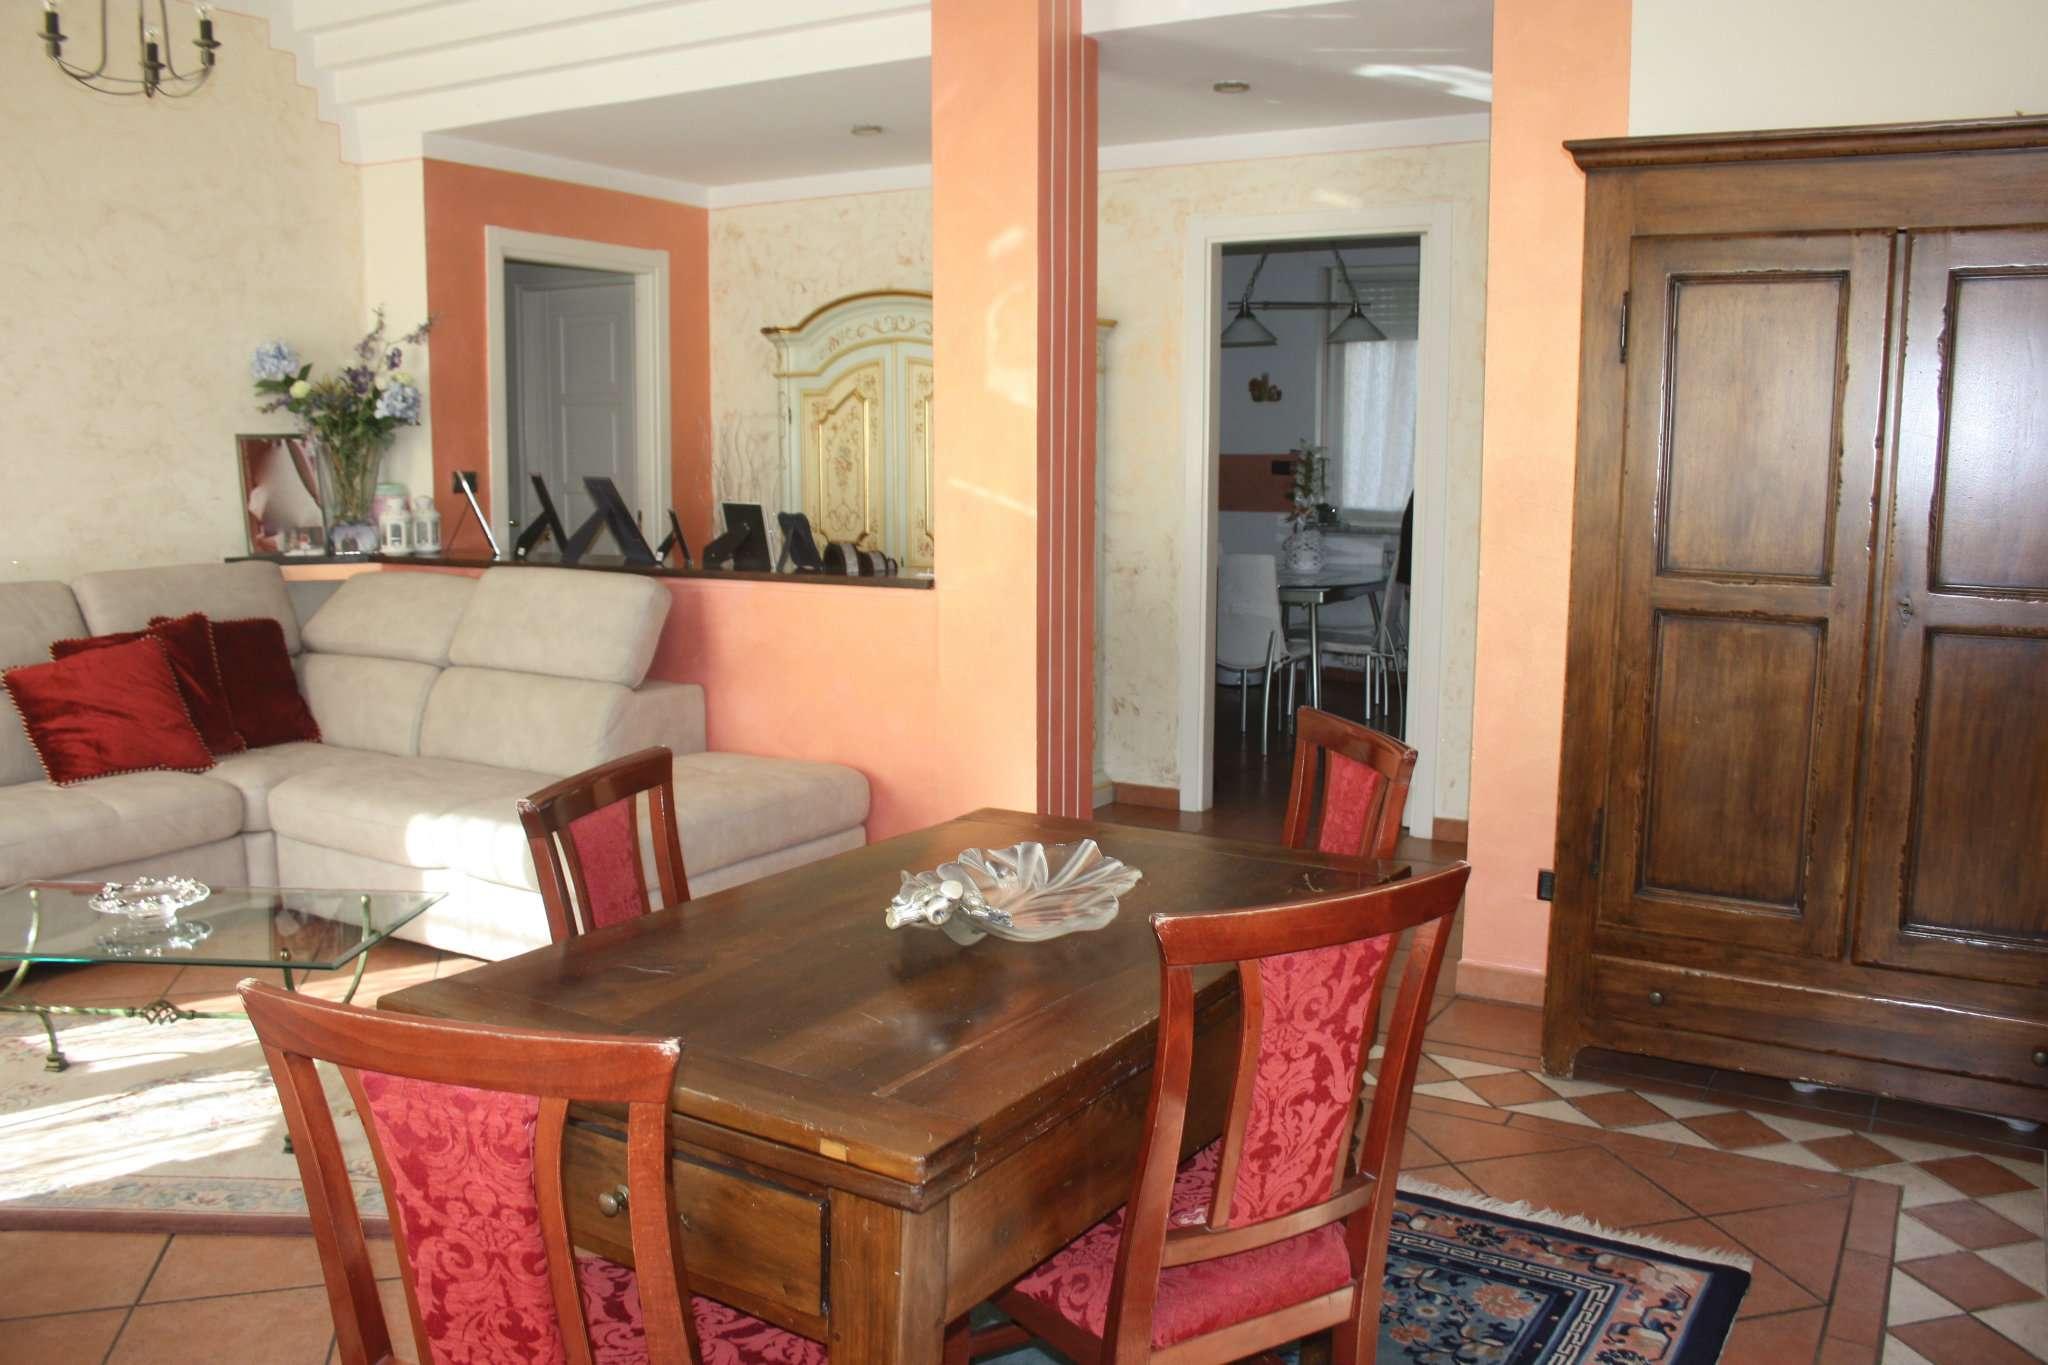 Appartamento in vendita a Bra, 5 locali, prezzo € 185.000 | CambioCasa.it